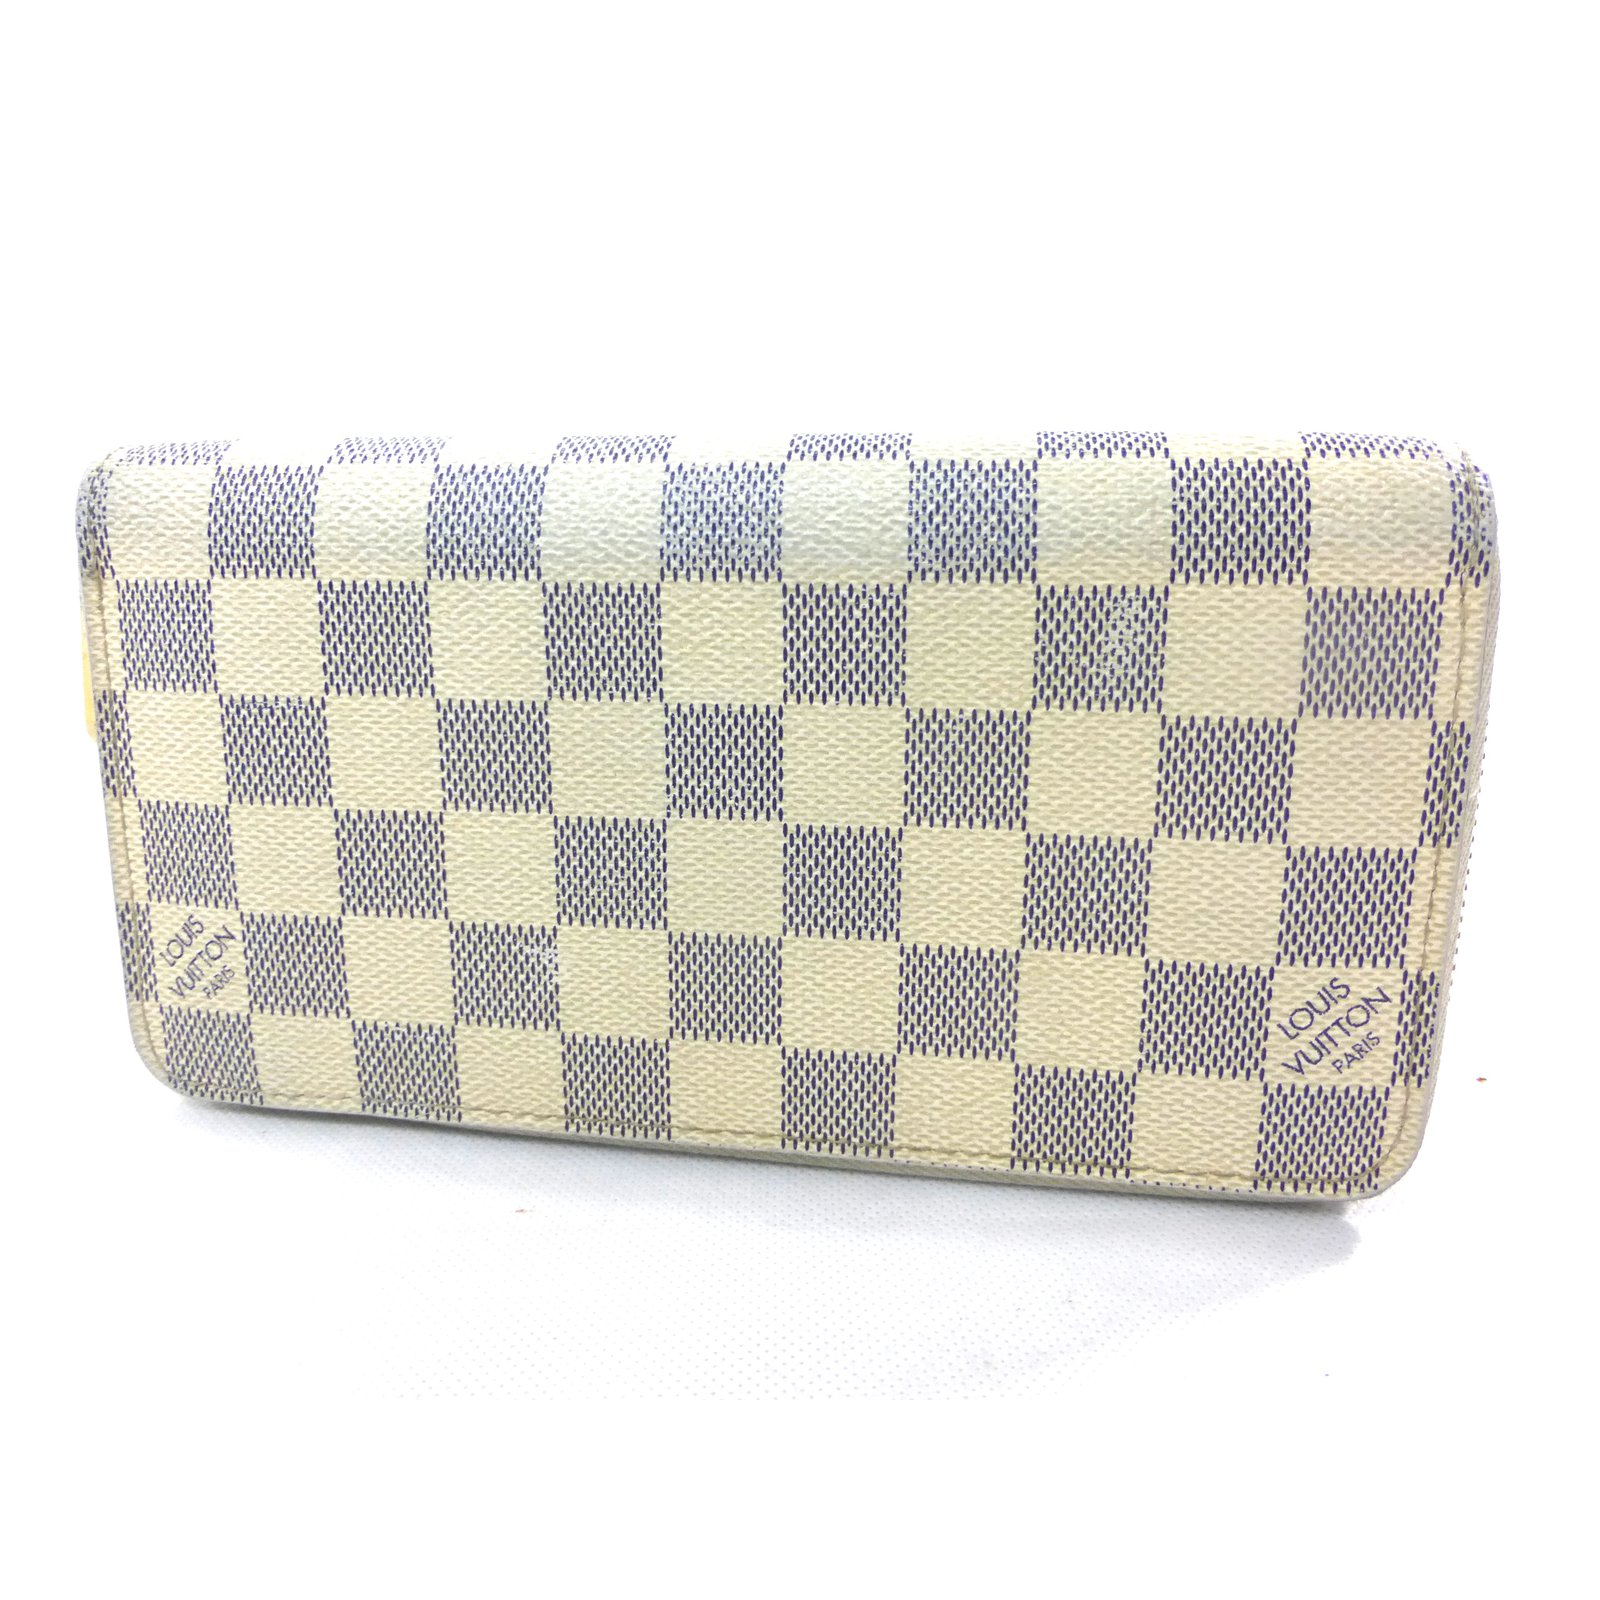 Petite maroquinerie Louis Vuitton Portefeuille zippy damier azur Cuir  Beige,Blanc cassé ref.88779 c701dd460d6c